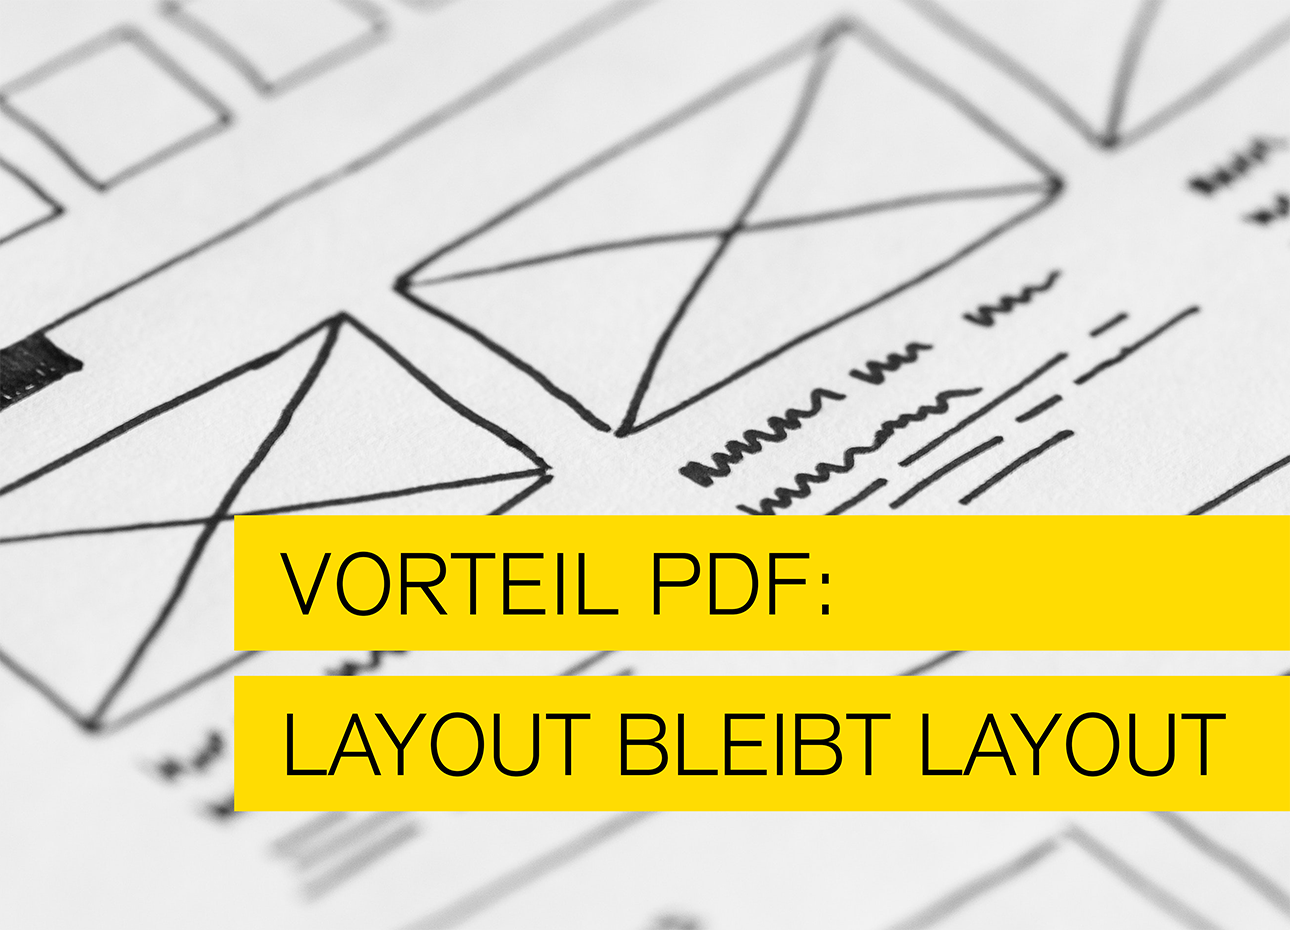 Vorteil PDF - layout bleibt Layout von Typo Art, mannheim